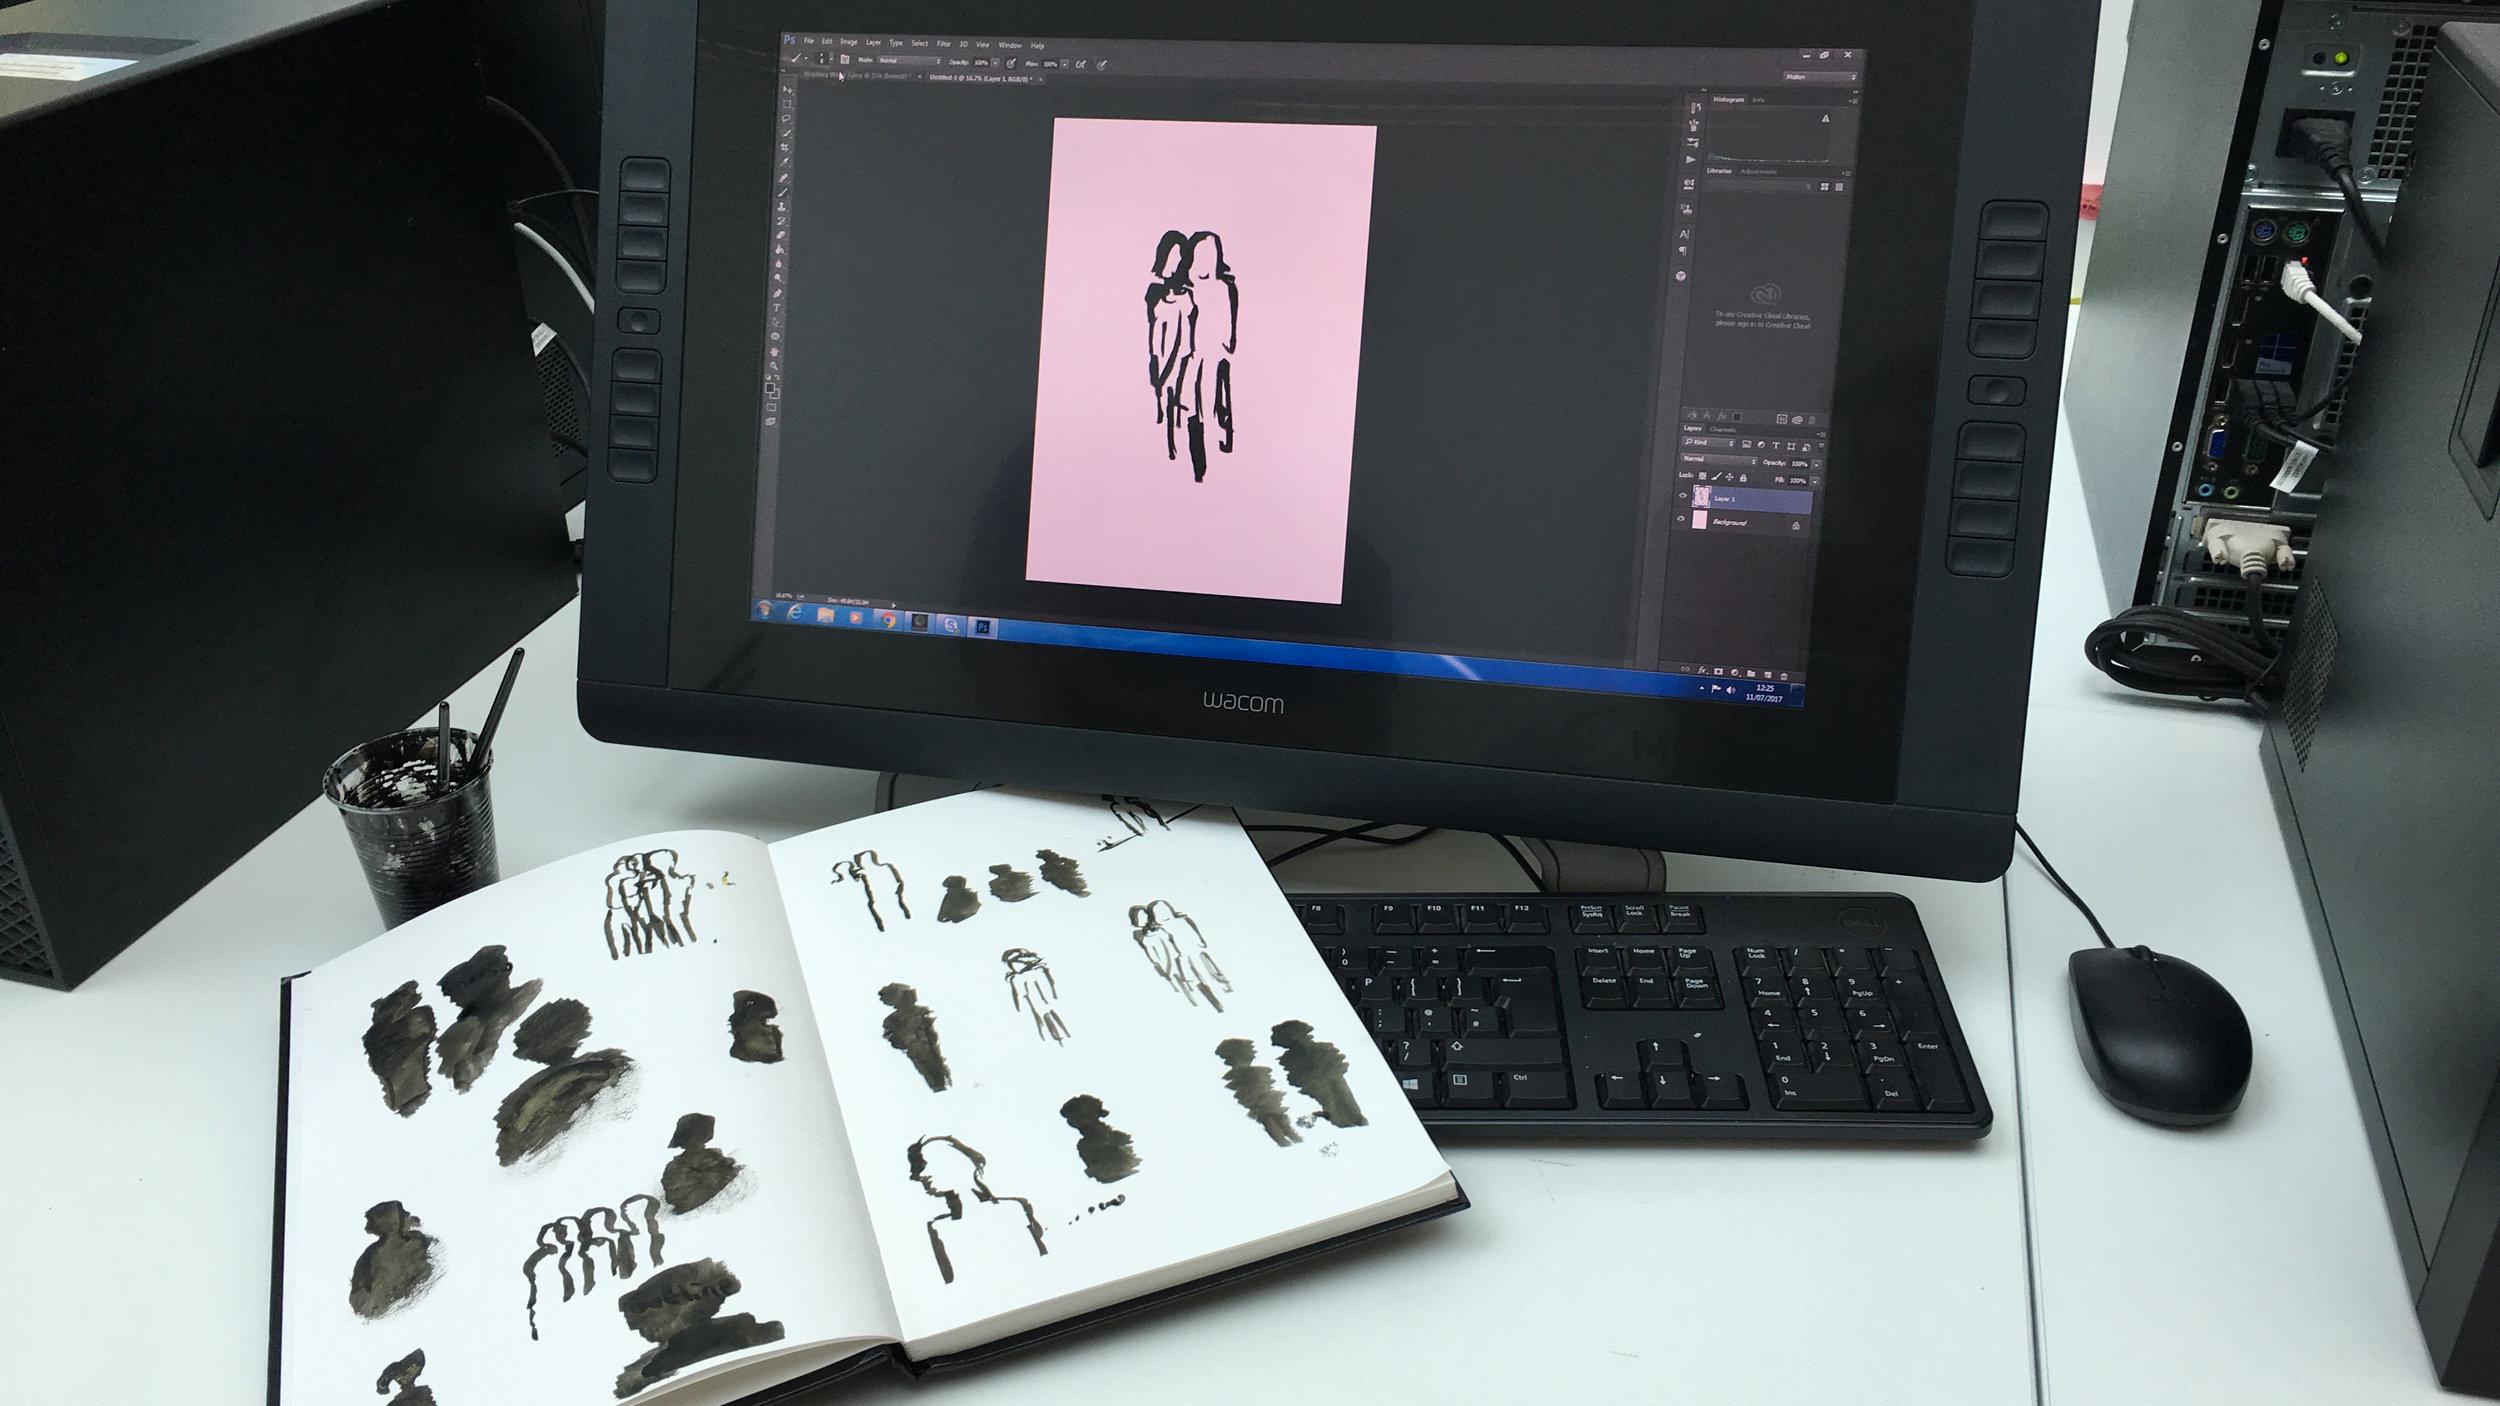 Day_2_Drawing_1.JPG